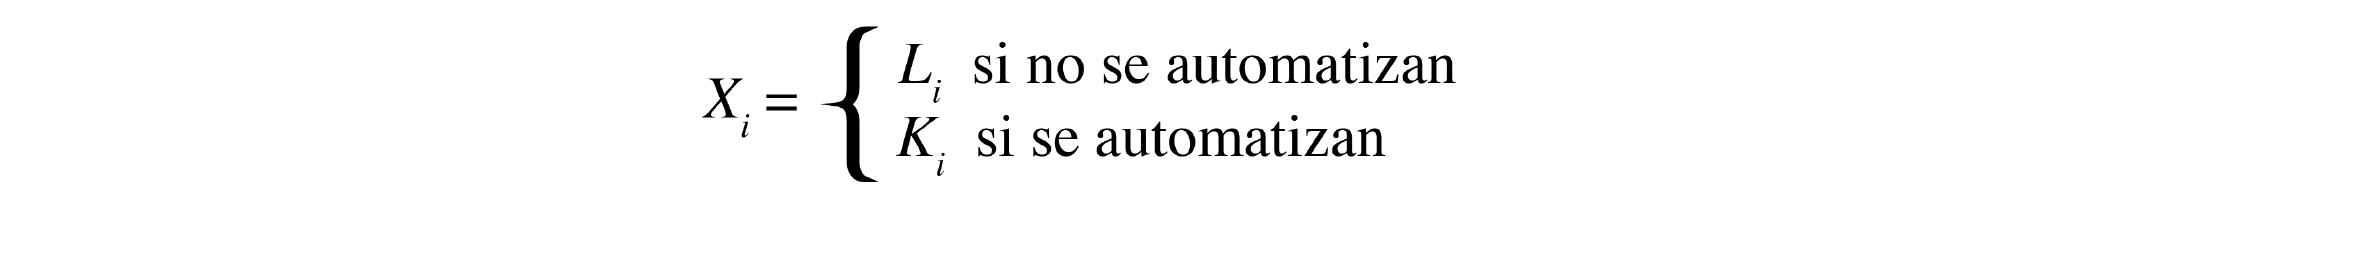 BBVA-OpenMind-Trabajo-Art 1-Formulas--03